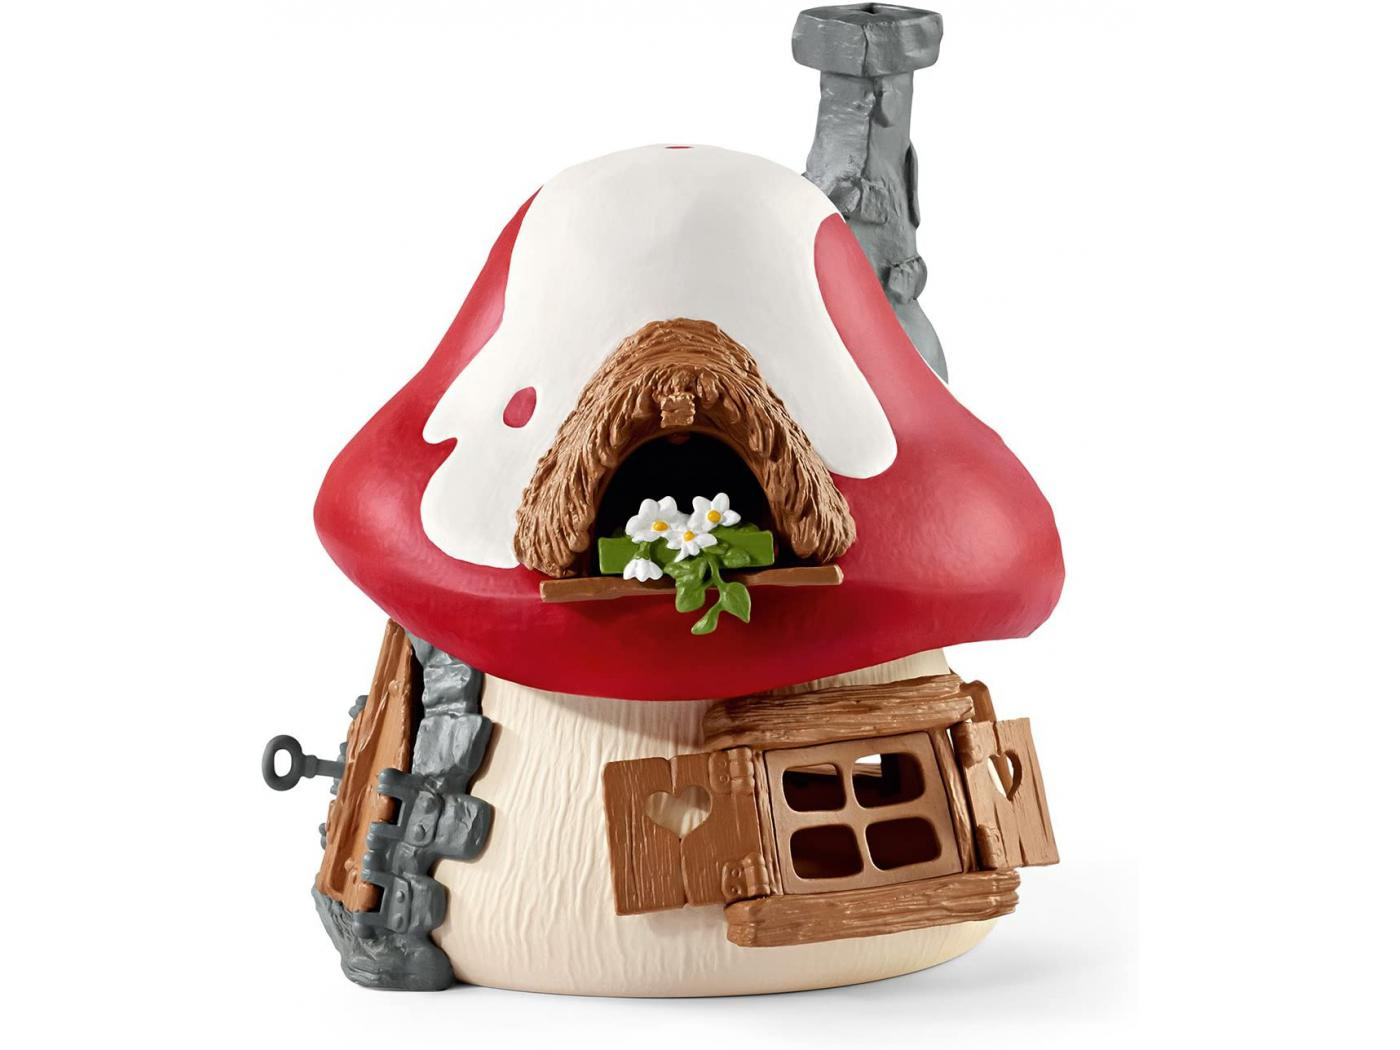 Schleich maison des schtroumpfs avec 2 figurines - Schtroumpf maison ...